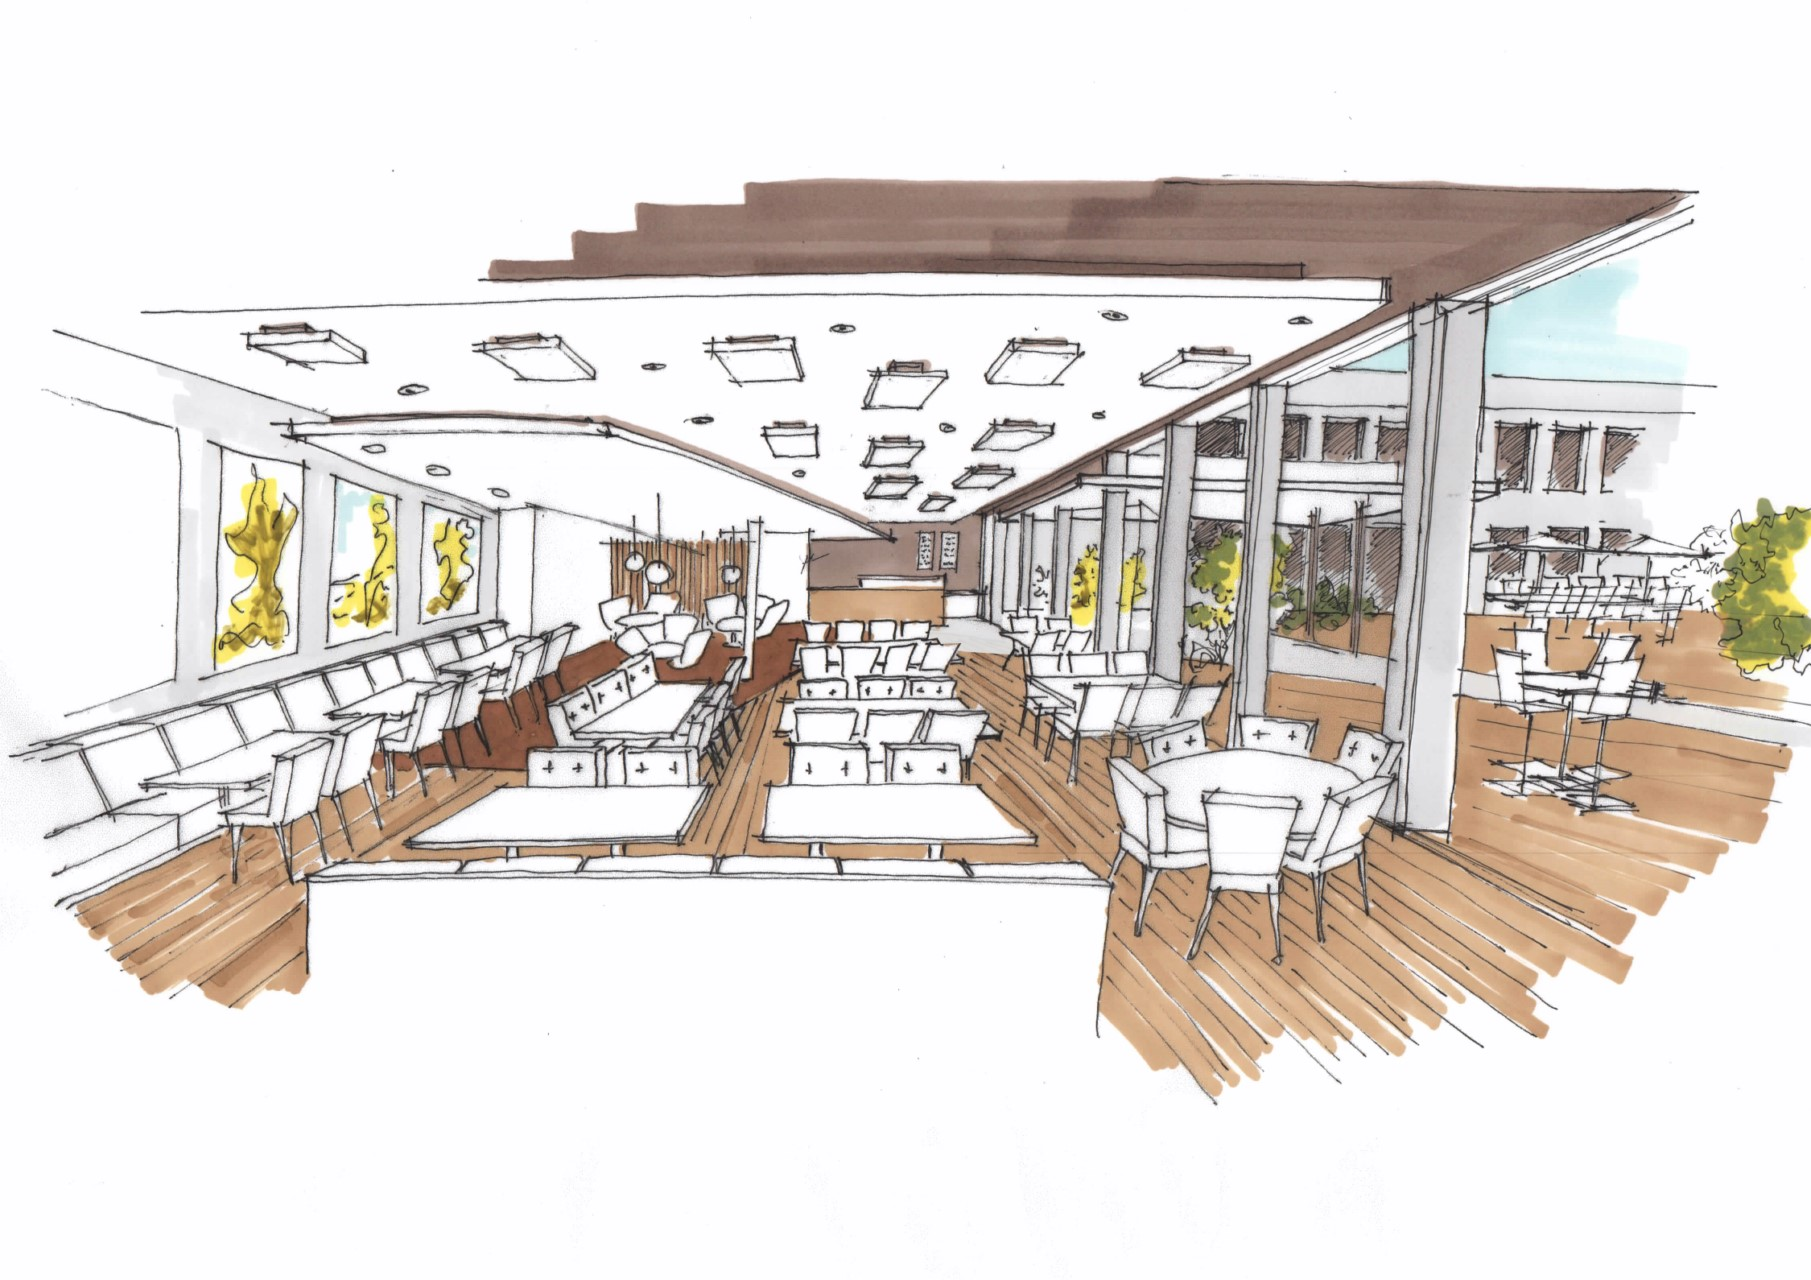 architecte am nagement d 39 une caf t ria marseille. Black Bedroom Furniture Sets. Home Design Ideas